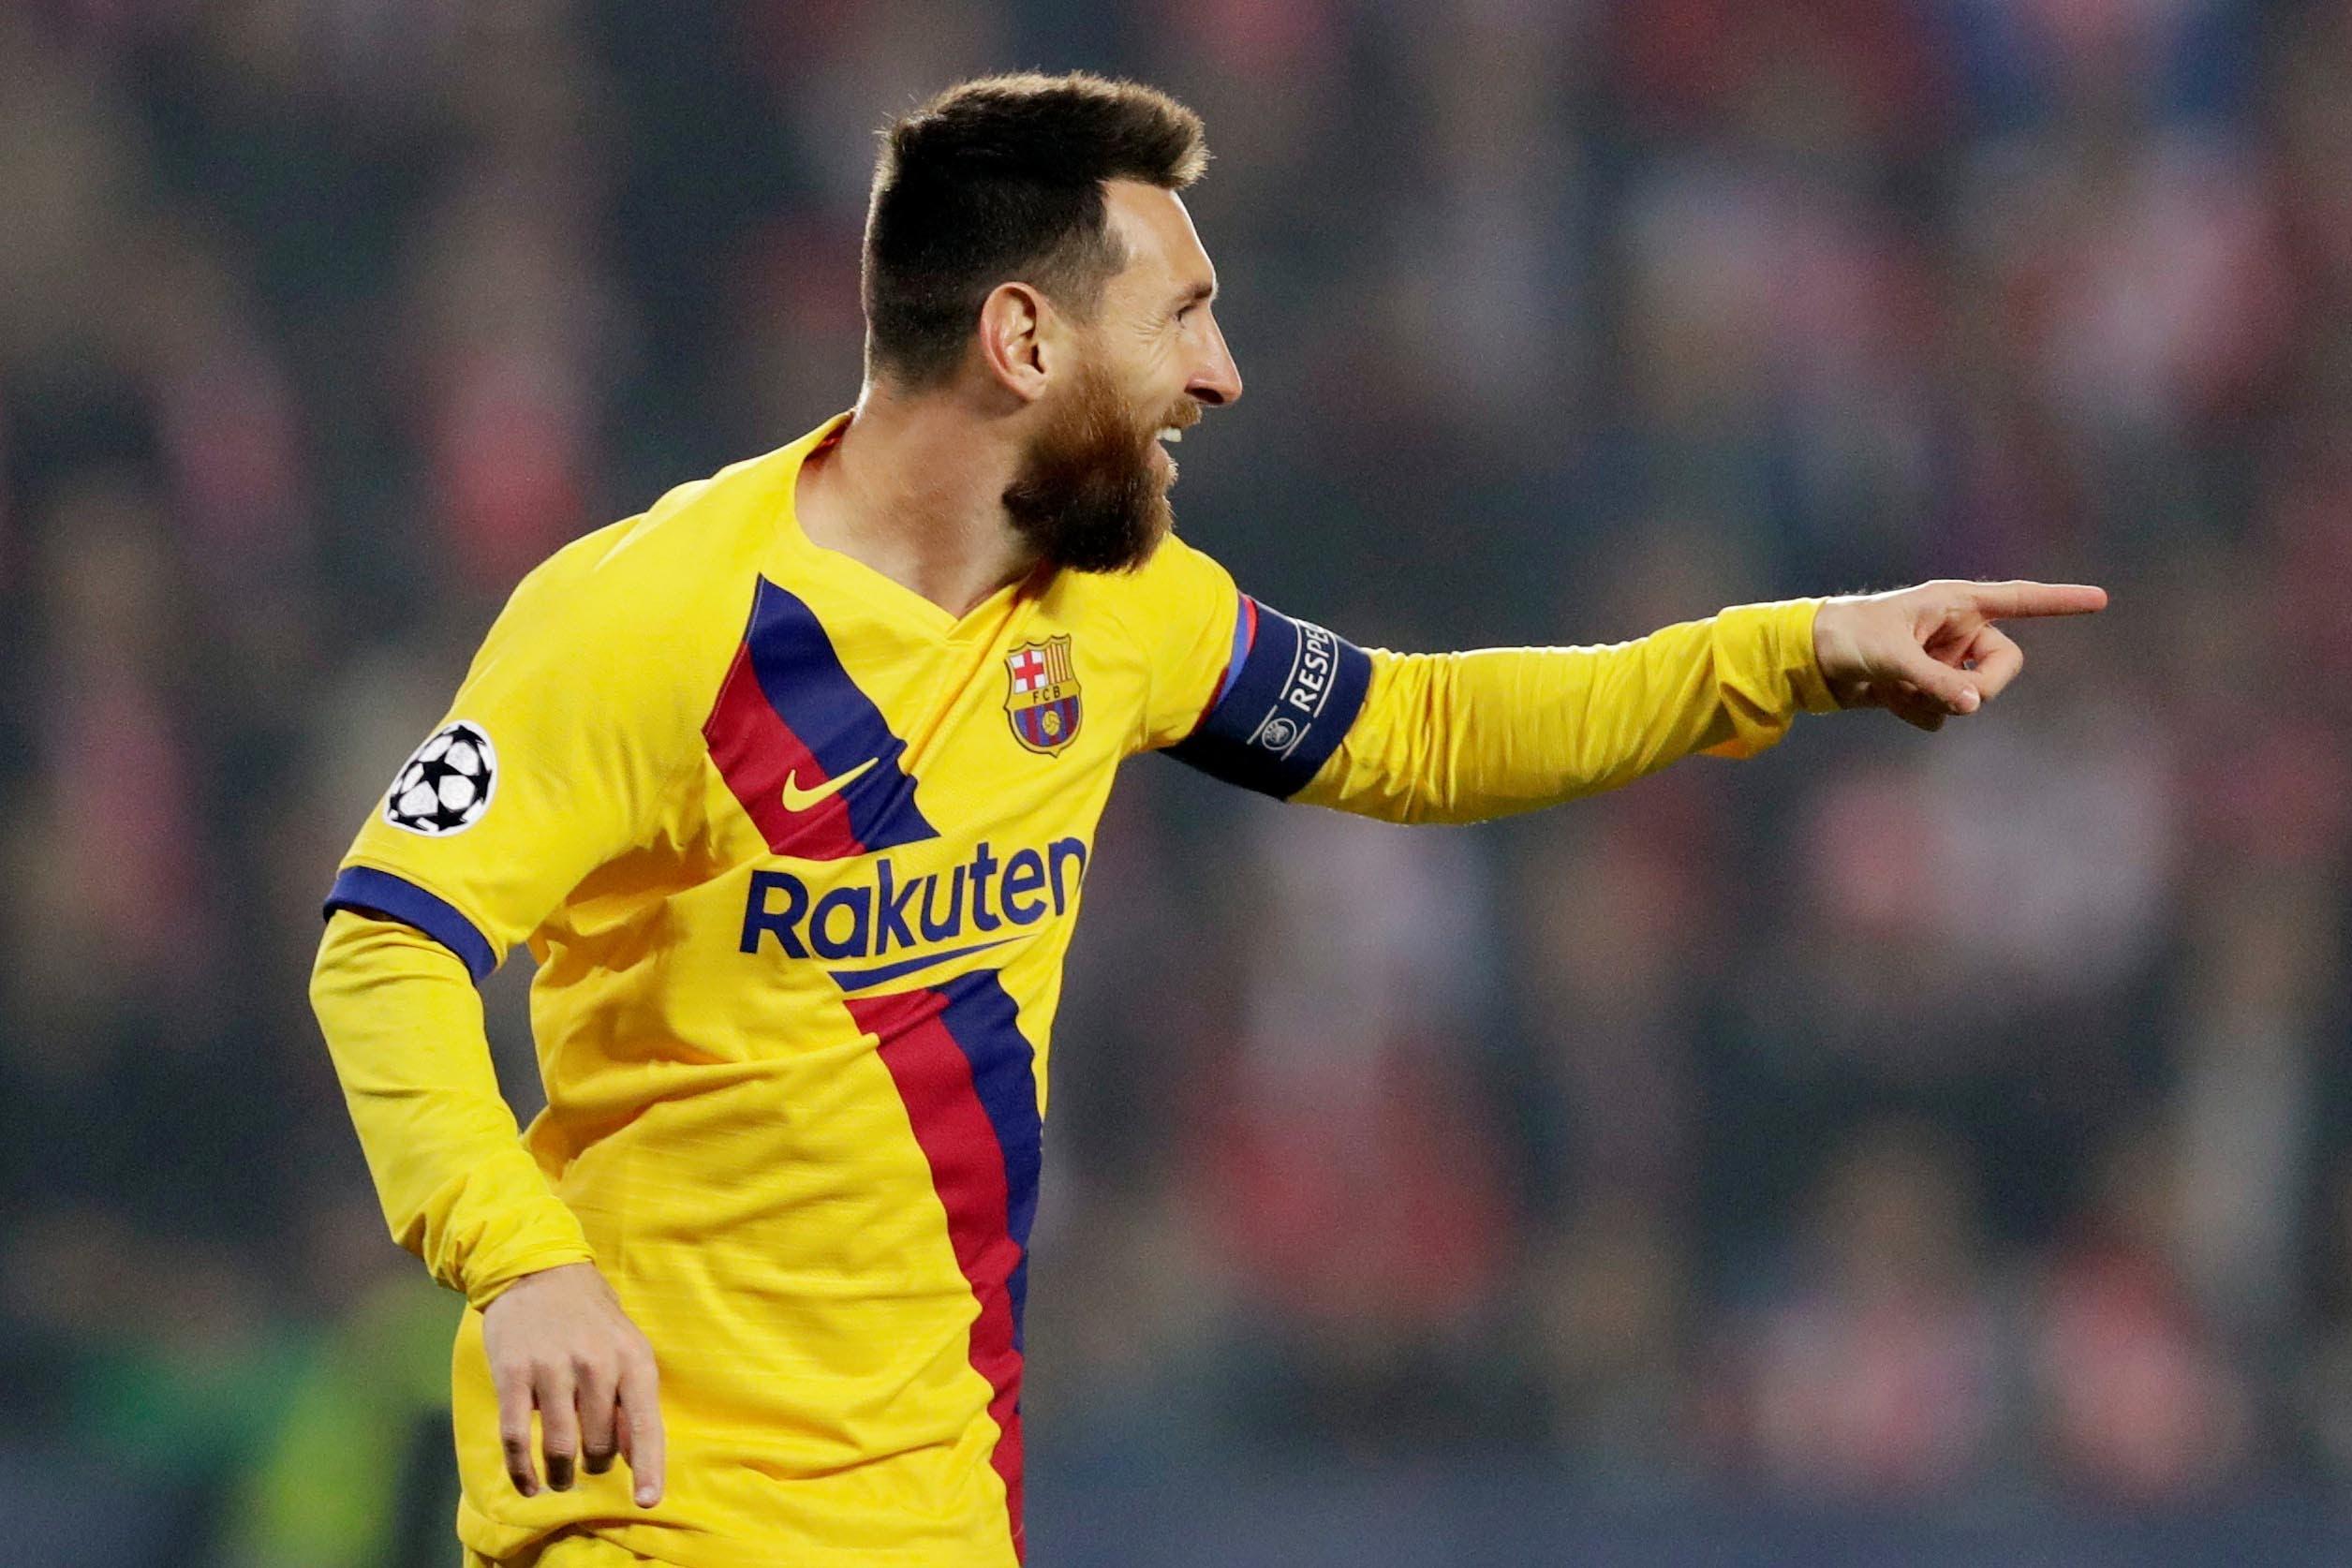 Lionel Messi hizo la diferencia: marcó un gol en el éxito de Barcelona sobre Slavia Praga por la Champions League